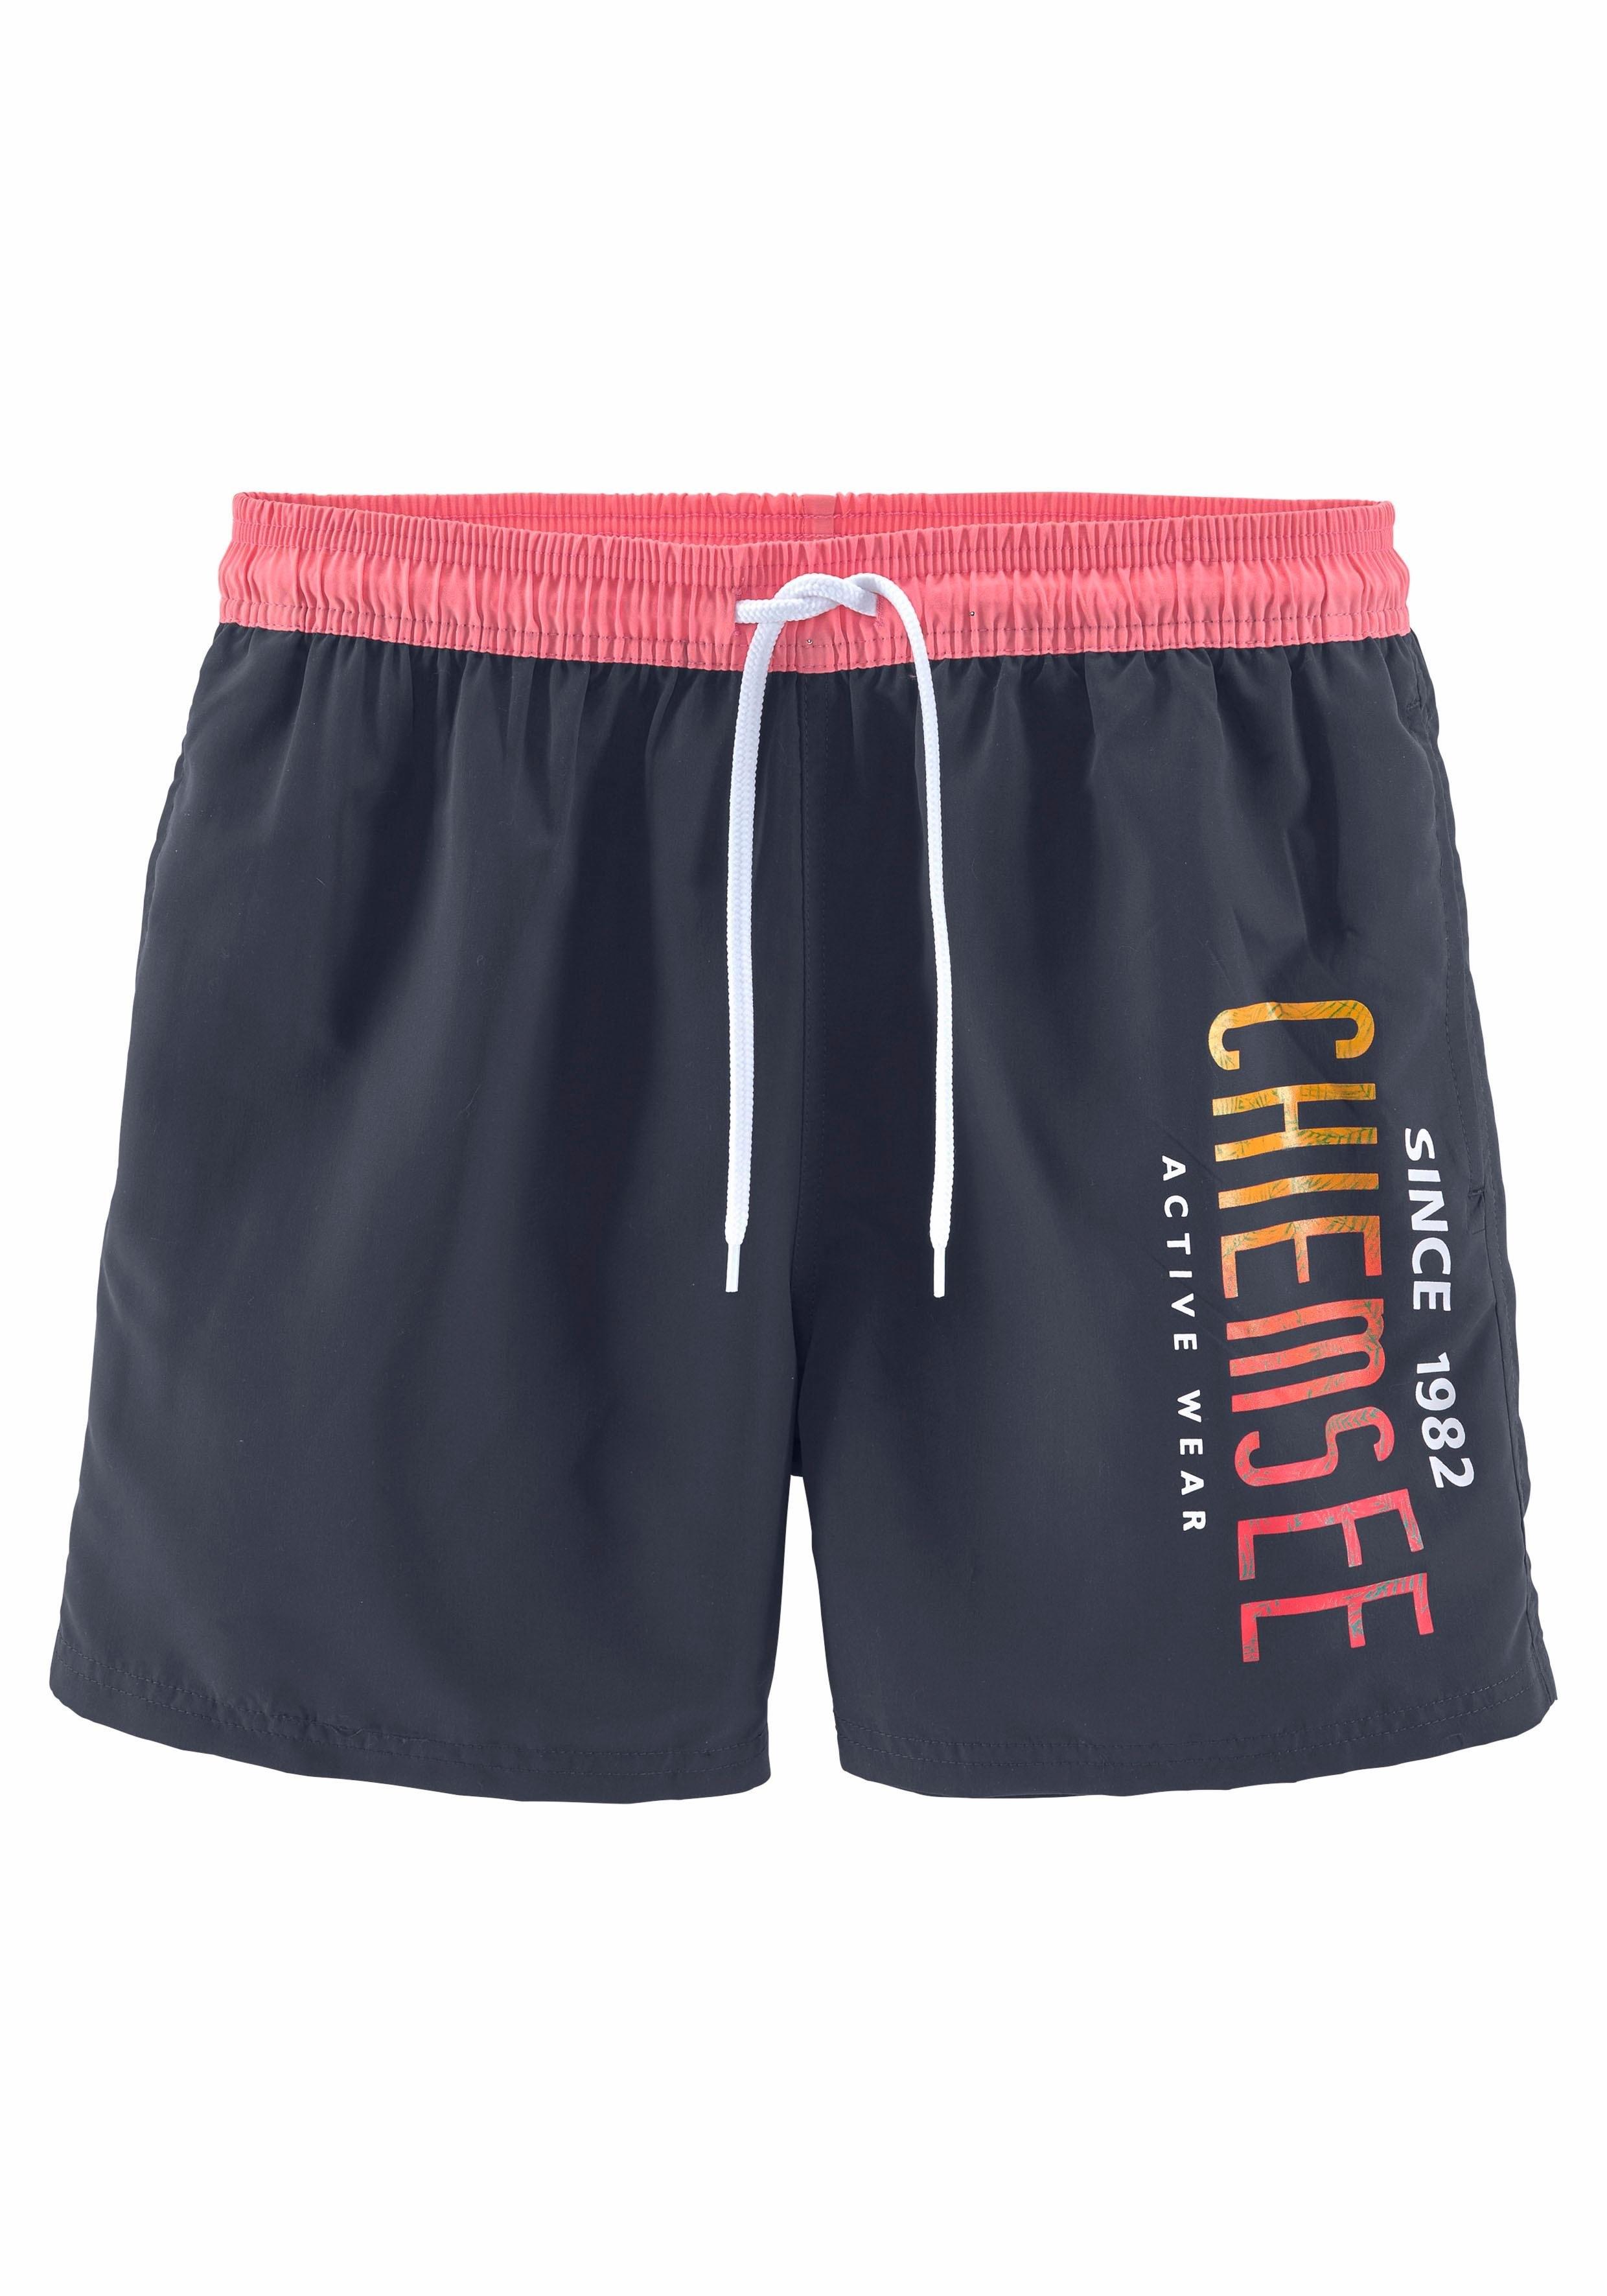 Chiemsee zwemshort met contrastkleurige band nu online kopen bij OTTO